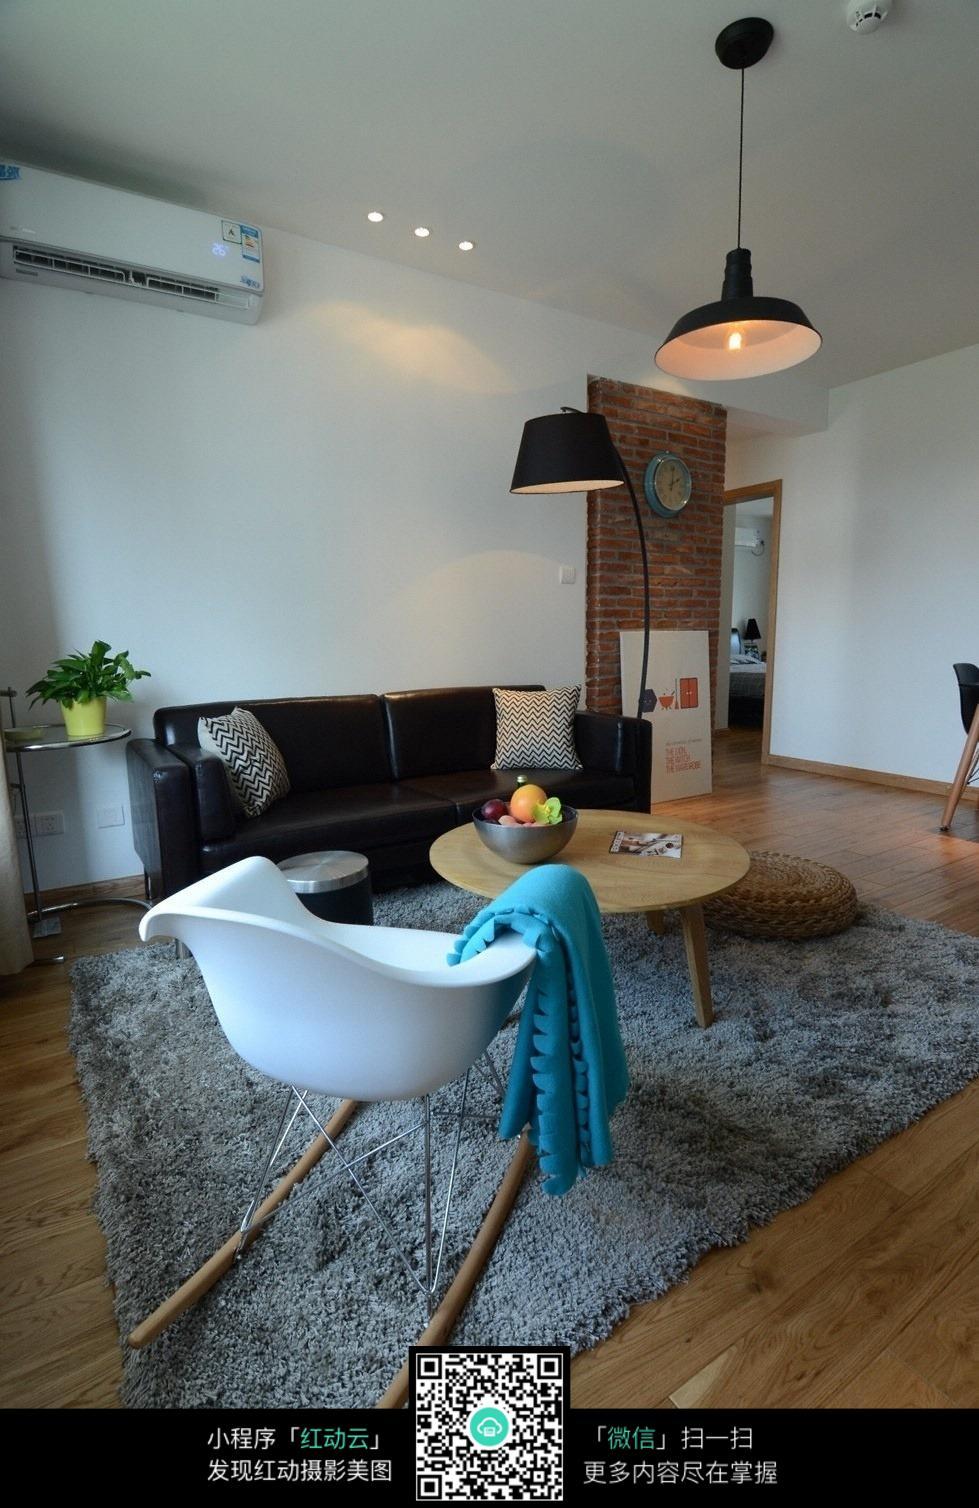 创意摇椅客厅室内装修效果图_室内设计图片